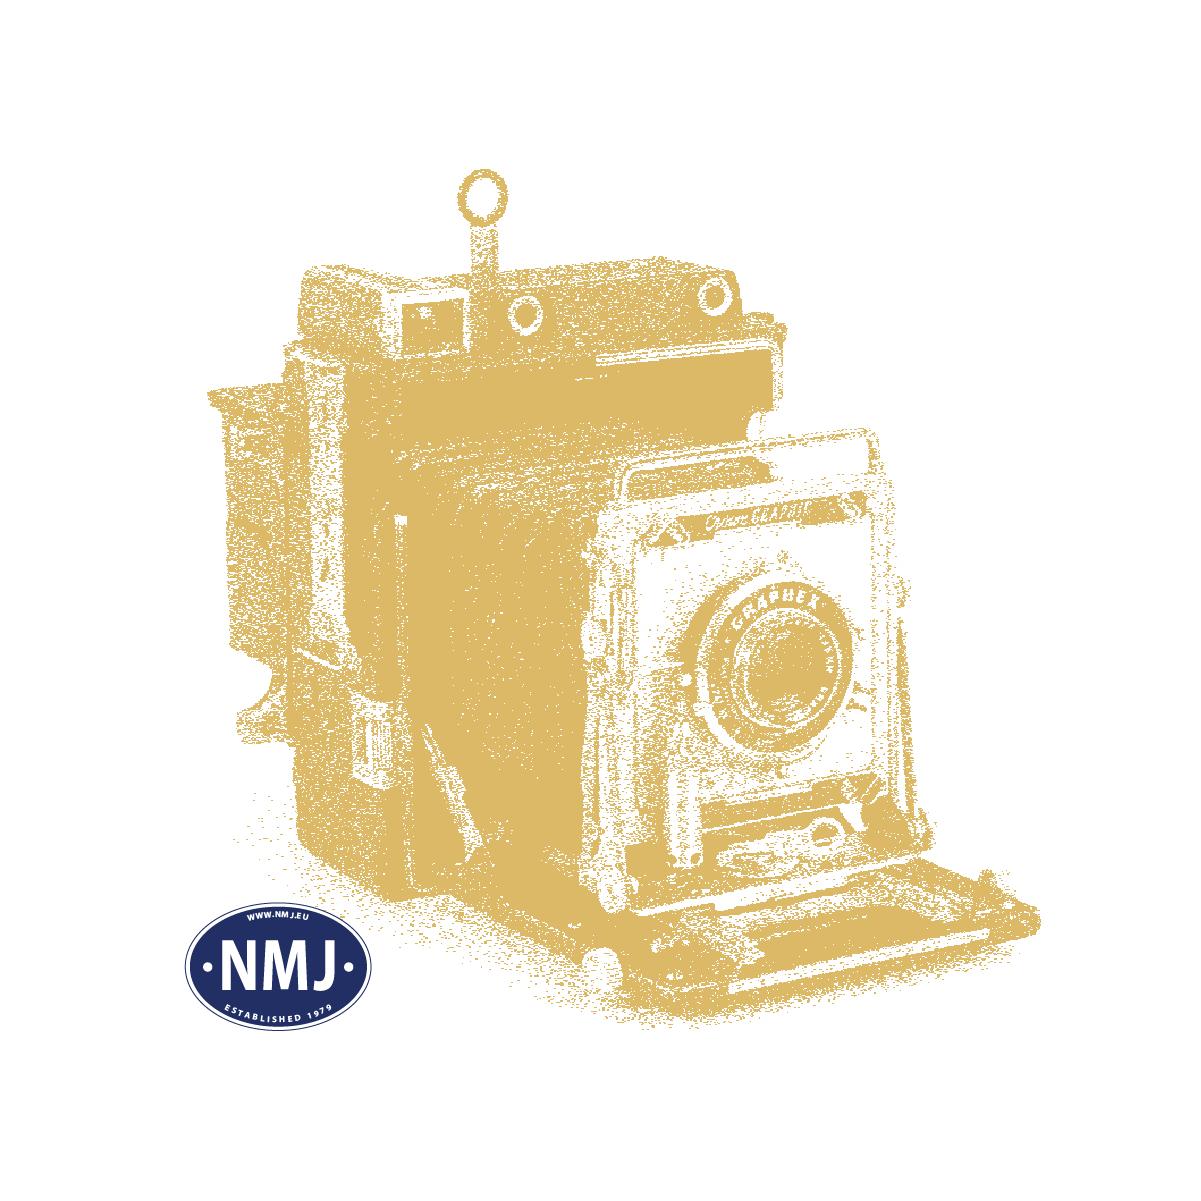 NMJT504.304 - NMJ Topline NSB G5 44258